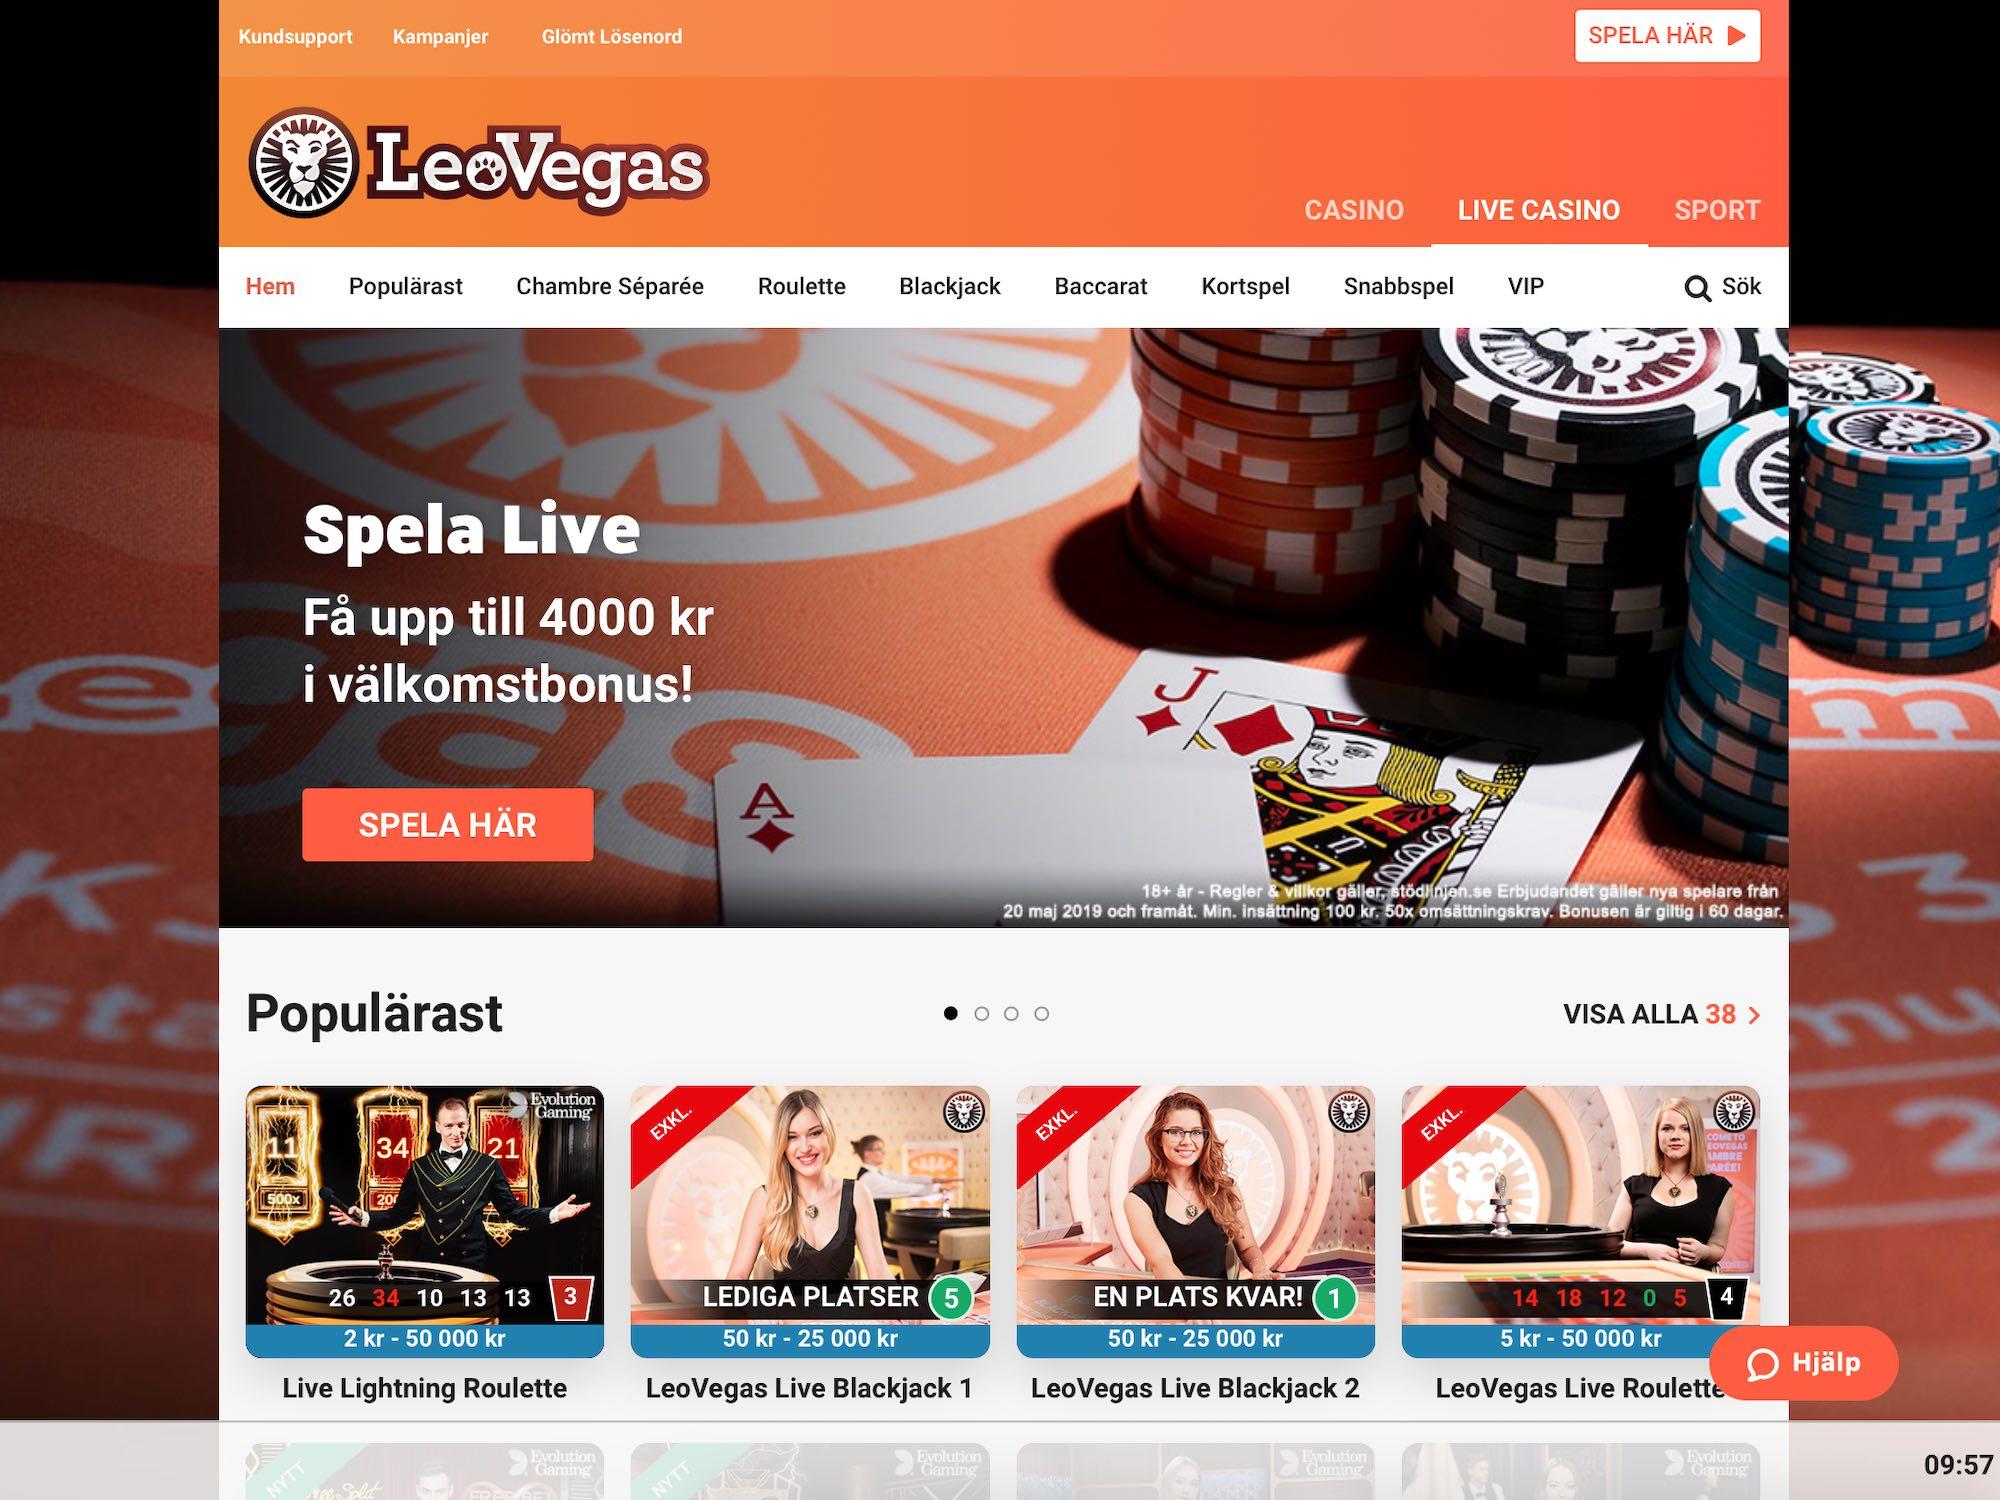 Helgens casino erbjudande 46544